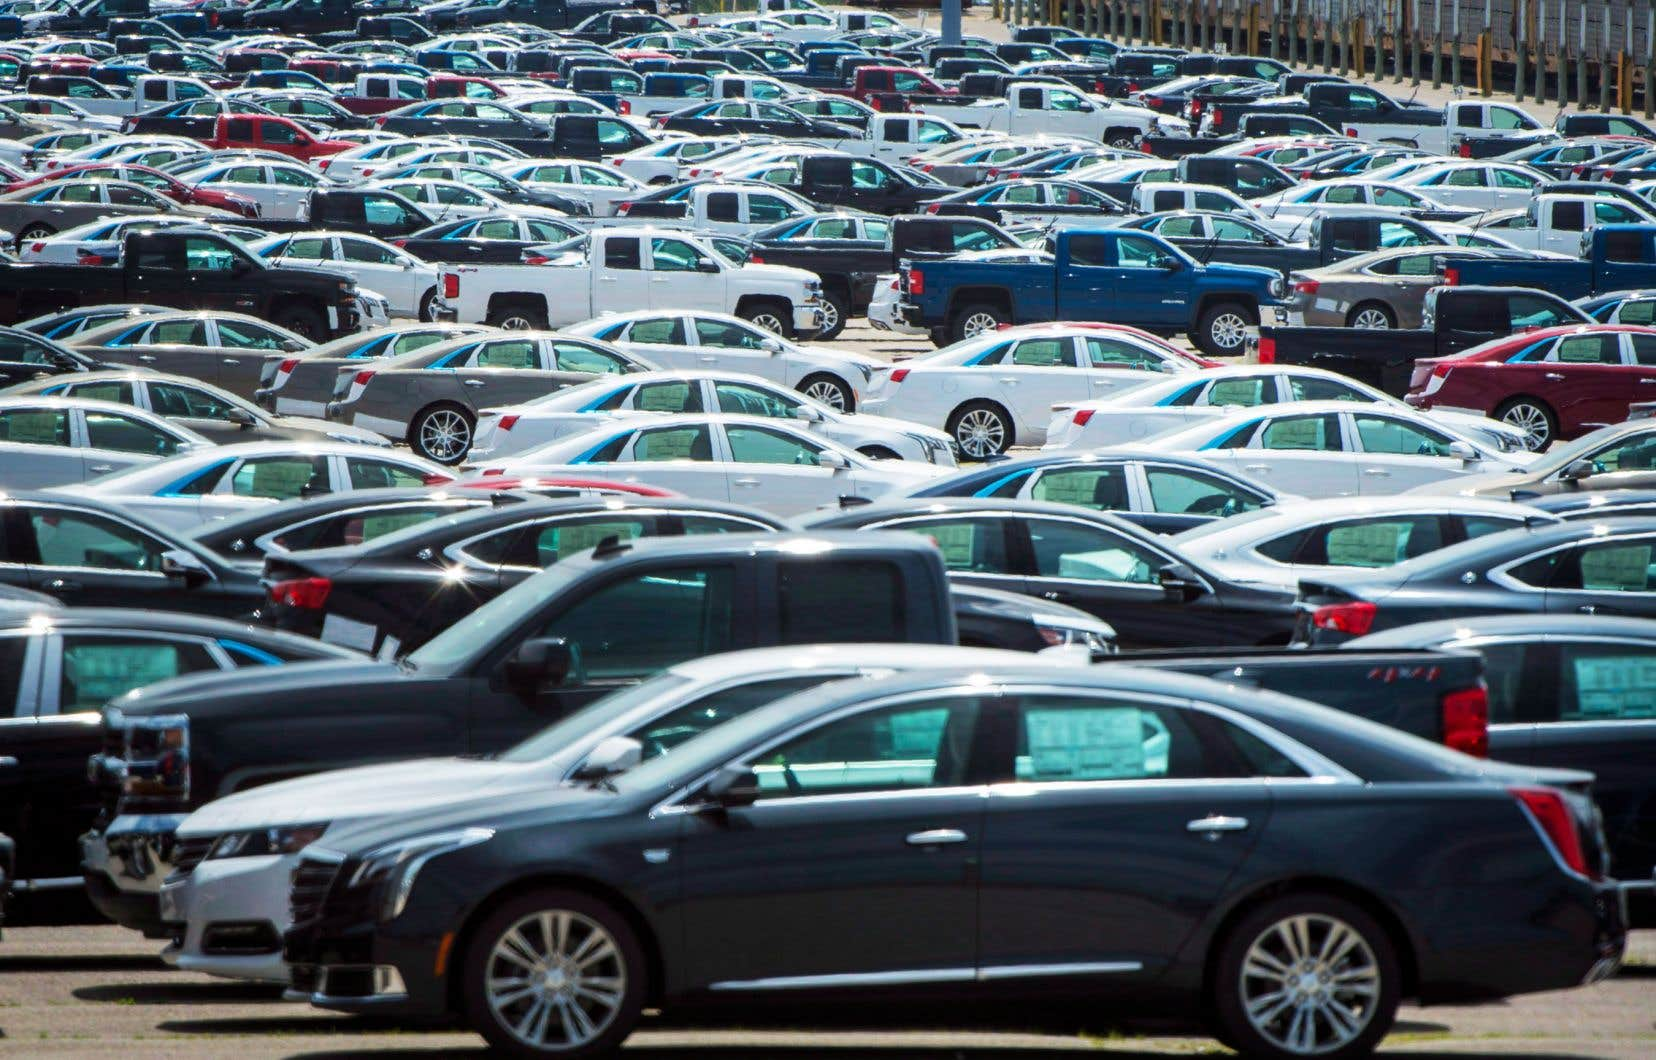 Le stock de voitures neuves est en baisse d'environ 20% au Canada, mais cette pénurie devrait s'aggraver à mesure que le pays se remettra en marche.